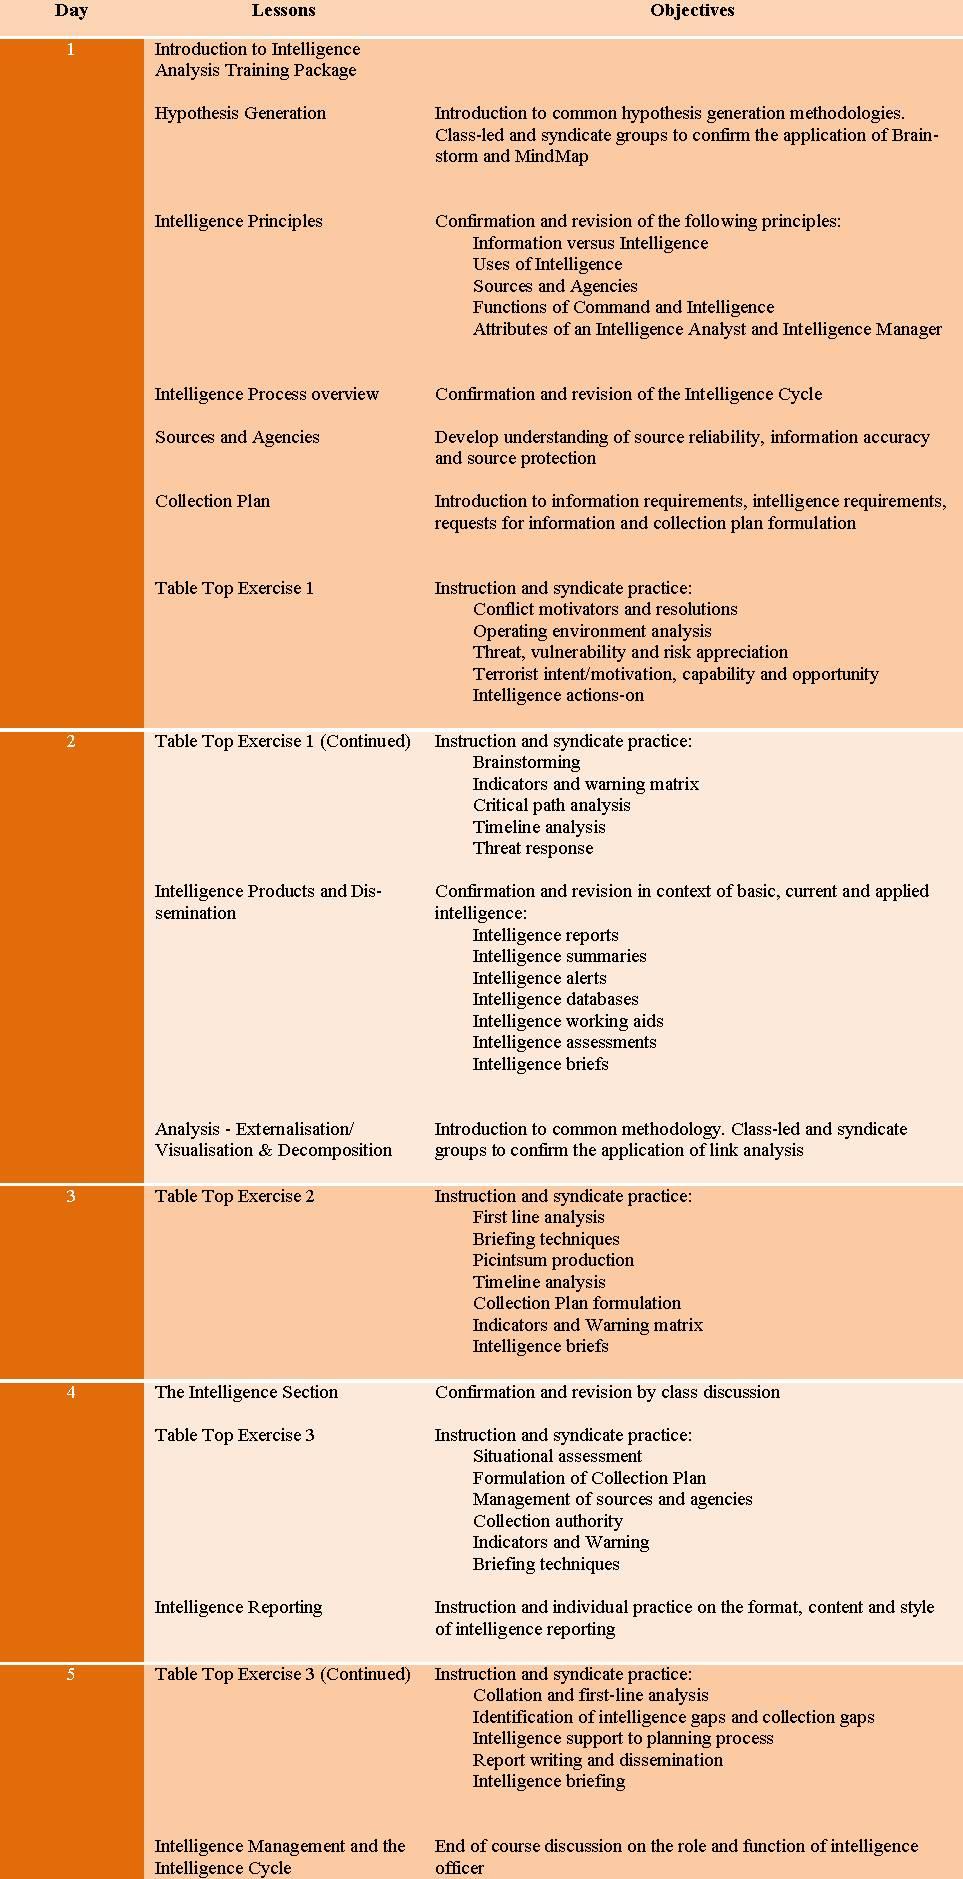 intelligence analysis training